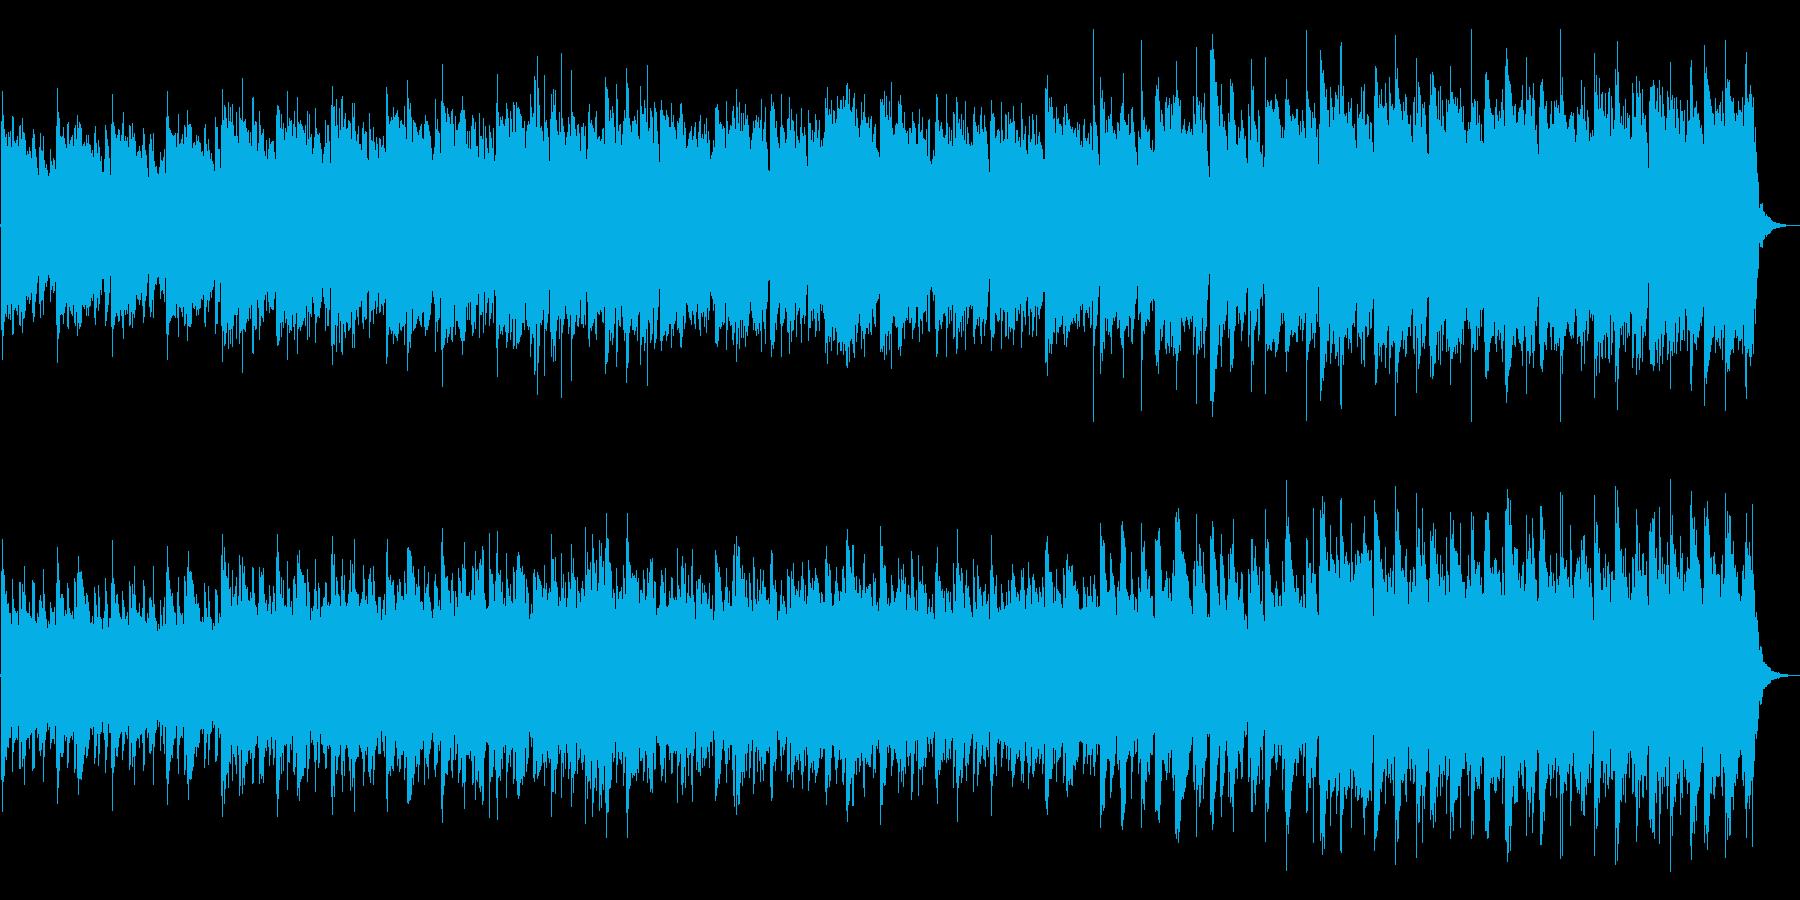 緑道の中のサイクリングをイメージした曲の再生済みの波形